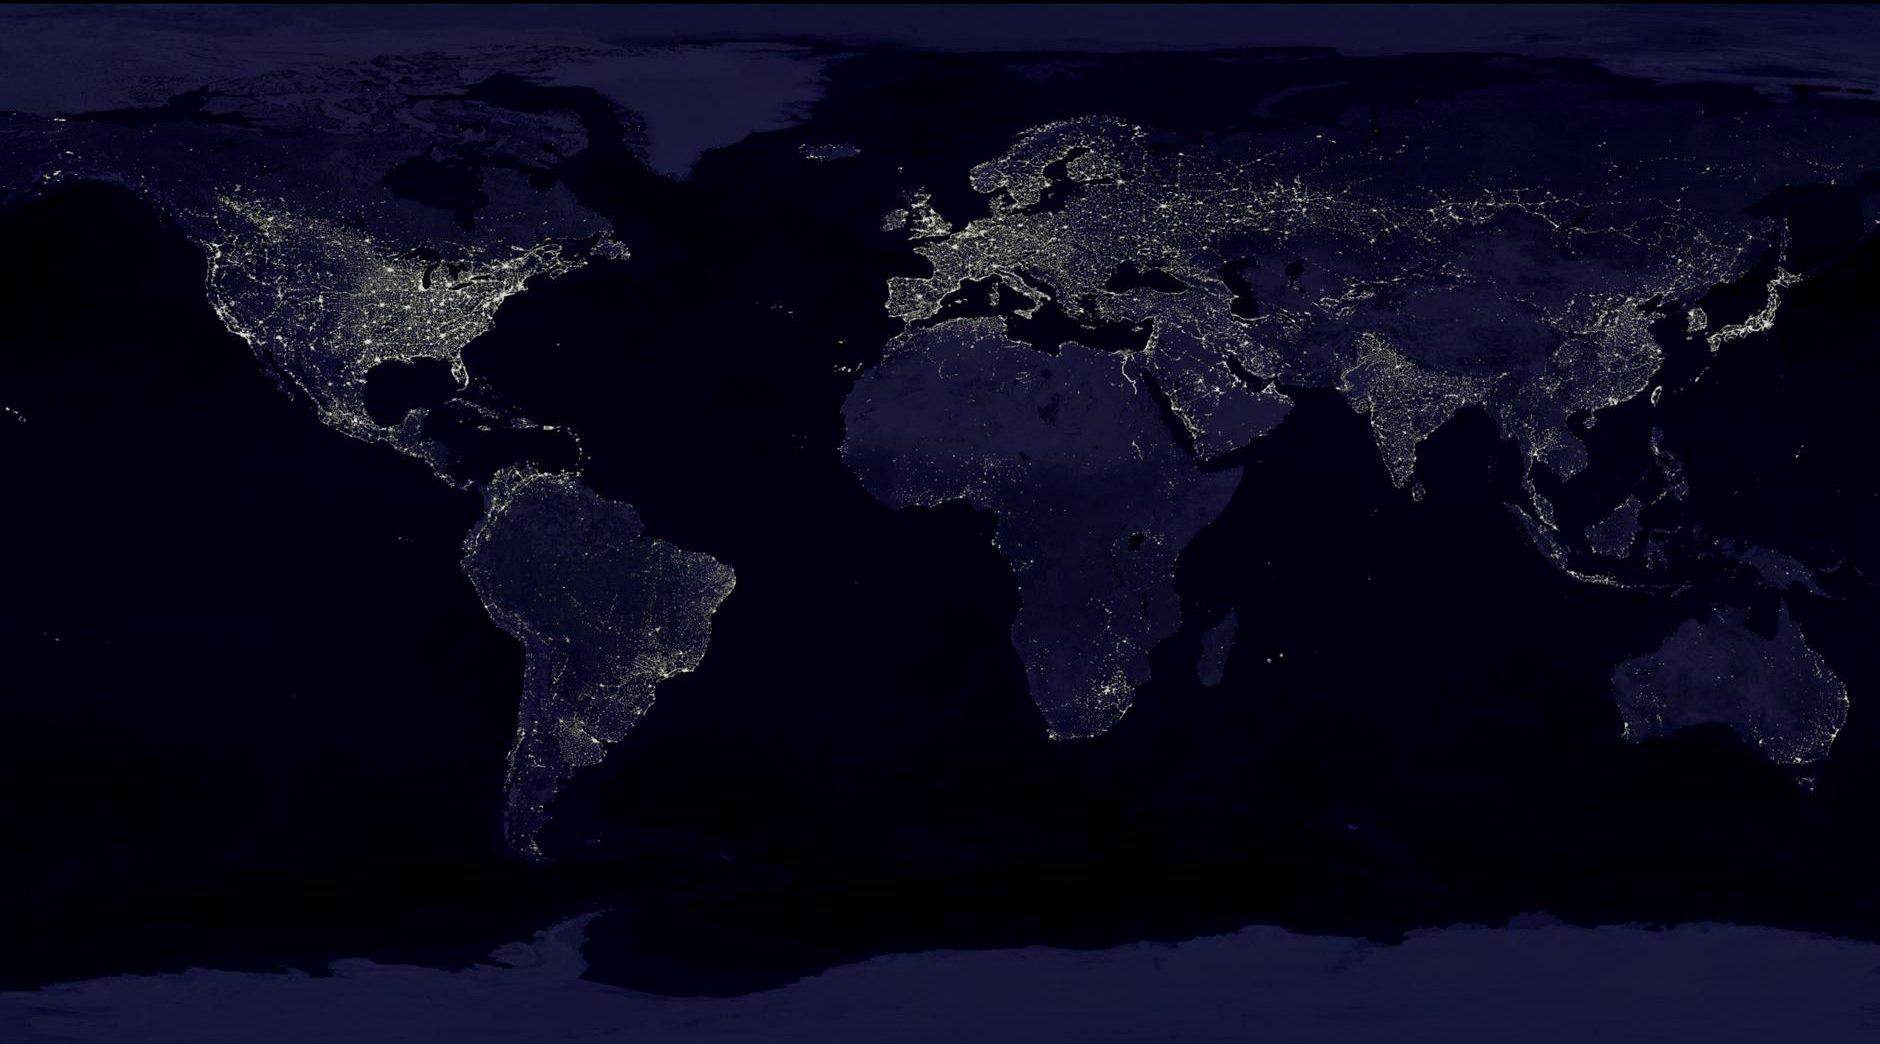 Imagen satelital compuesta de 400 imágenes de satélite separadas, actualizada al 4 de agosto de 2017 / Cortesía NASA